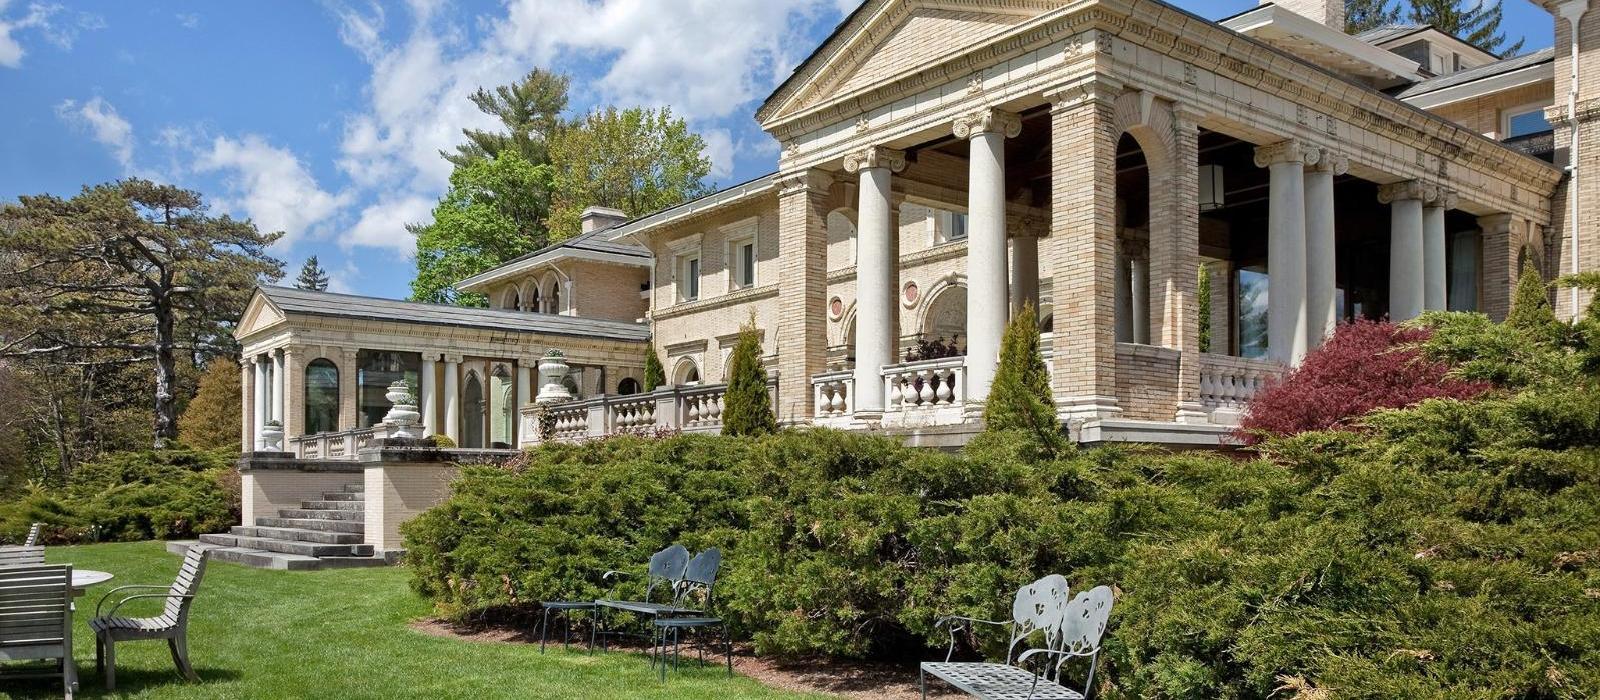 麦雷酒店(Wheatleigh) 图片  www.lhw.cn